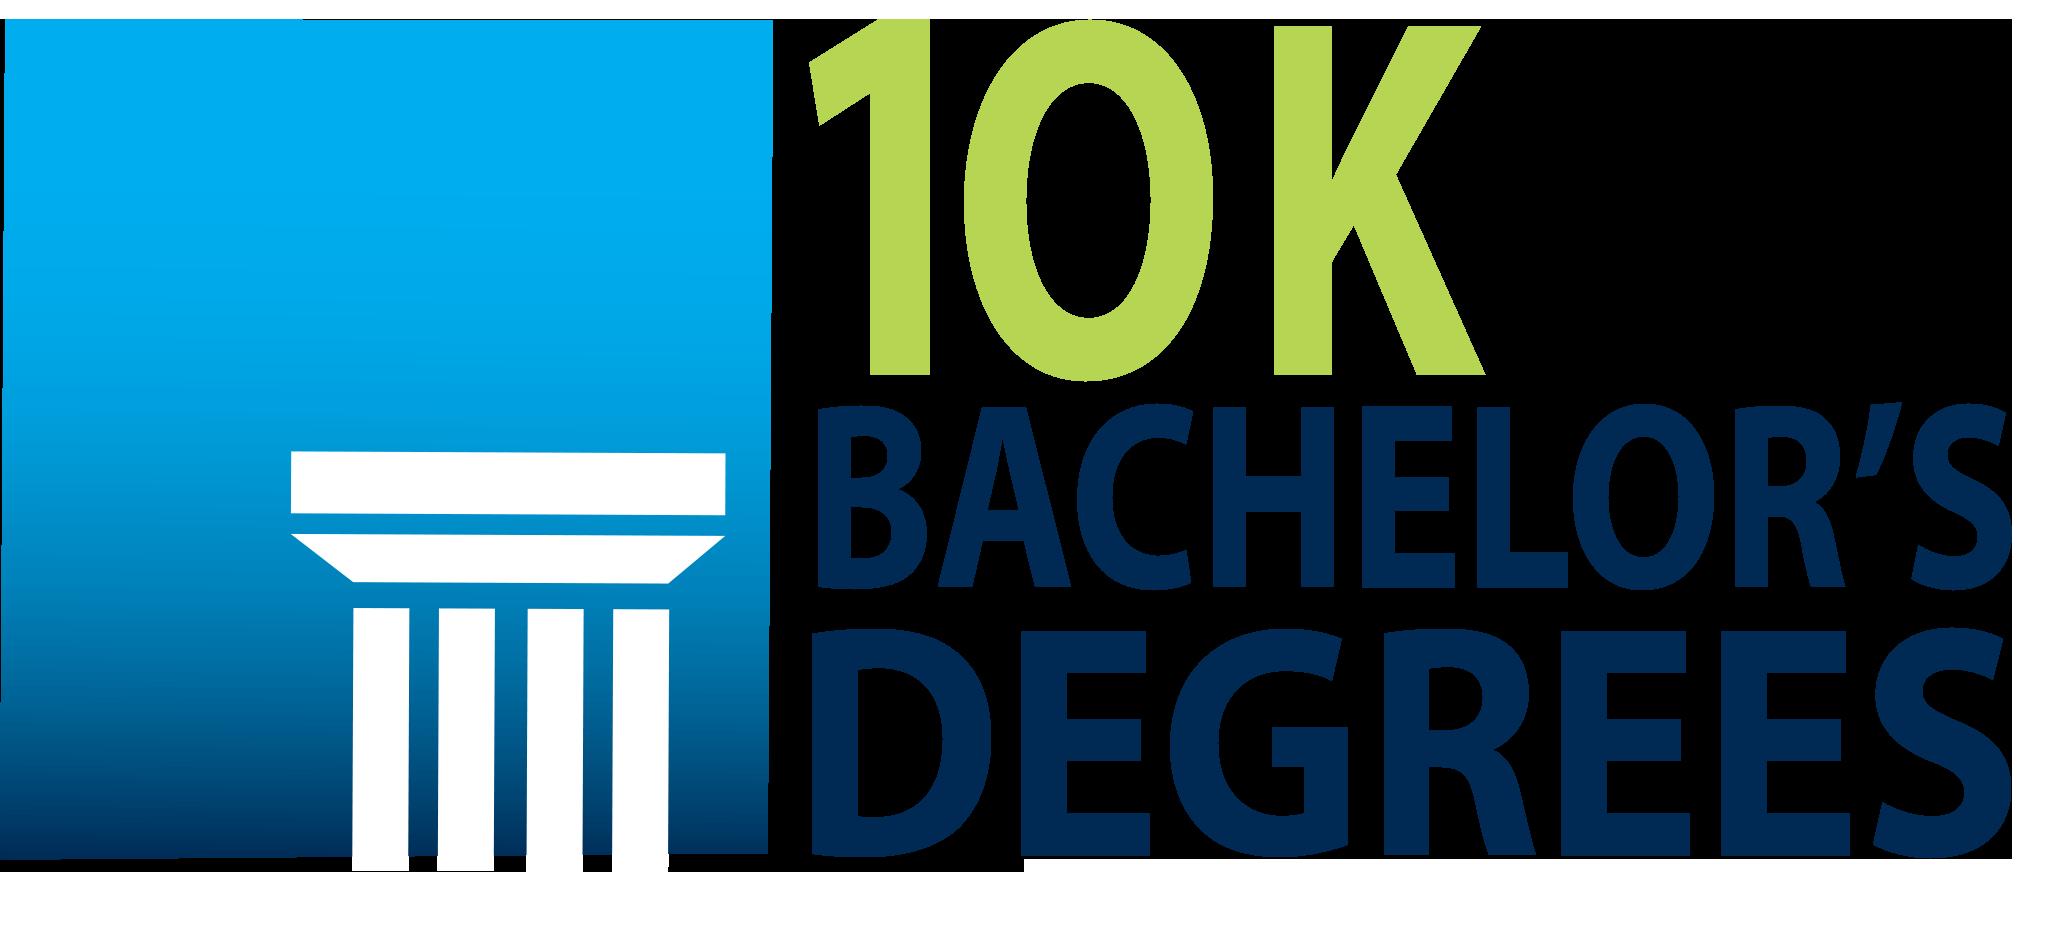 10k Bachelor's Degrees